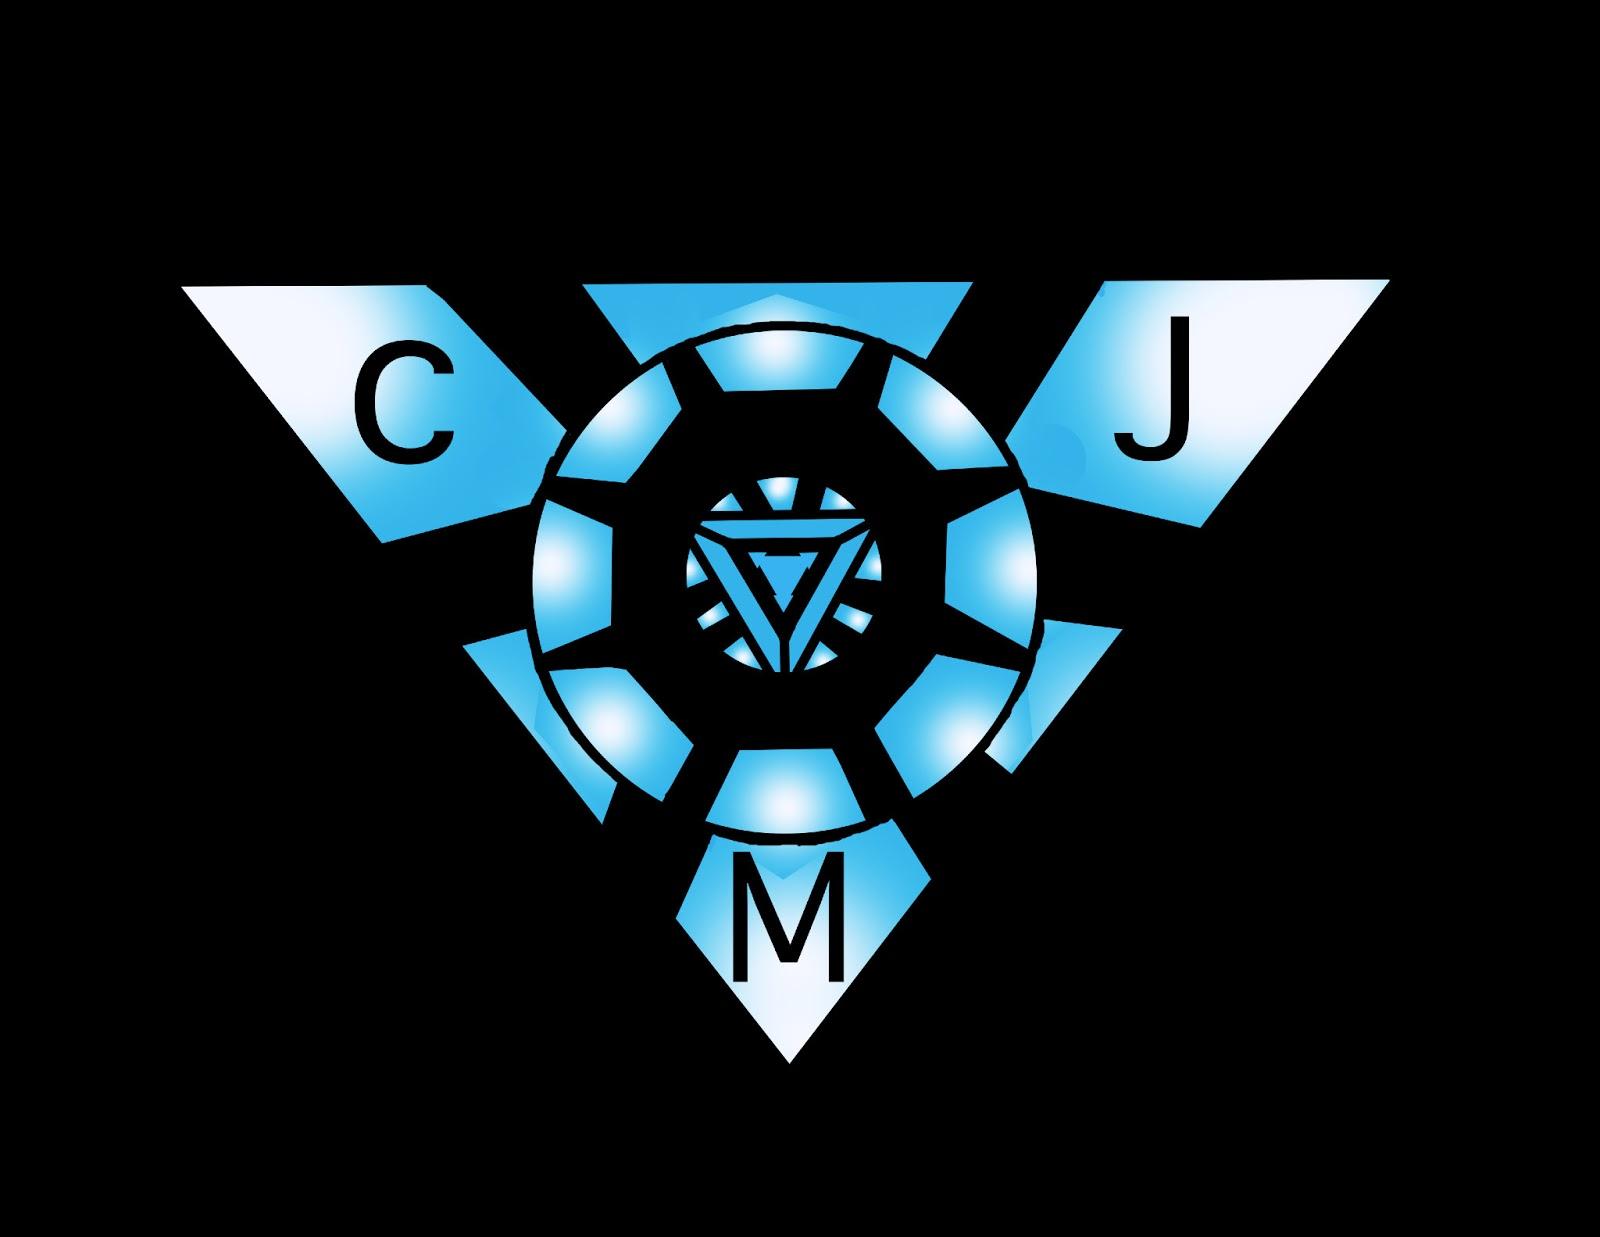 Iron Man Logos